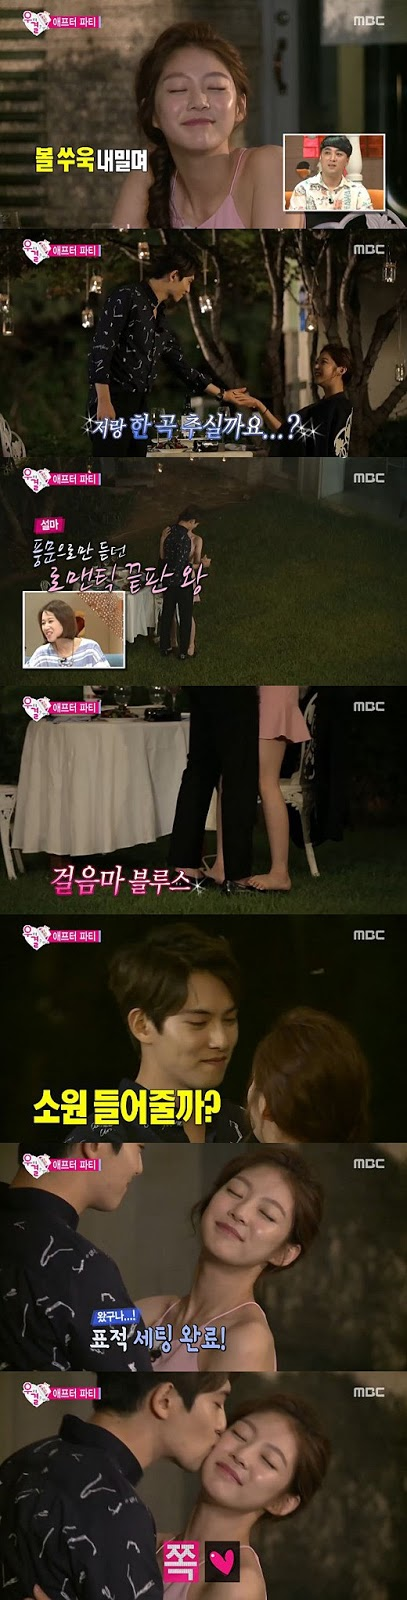 lee jonghyun and seungyeon dating